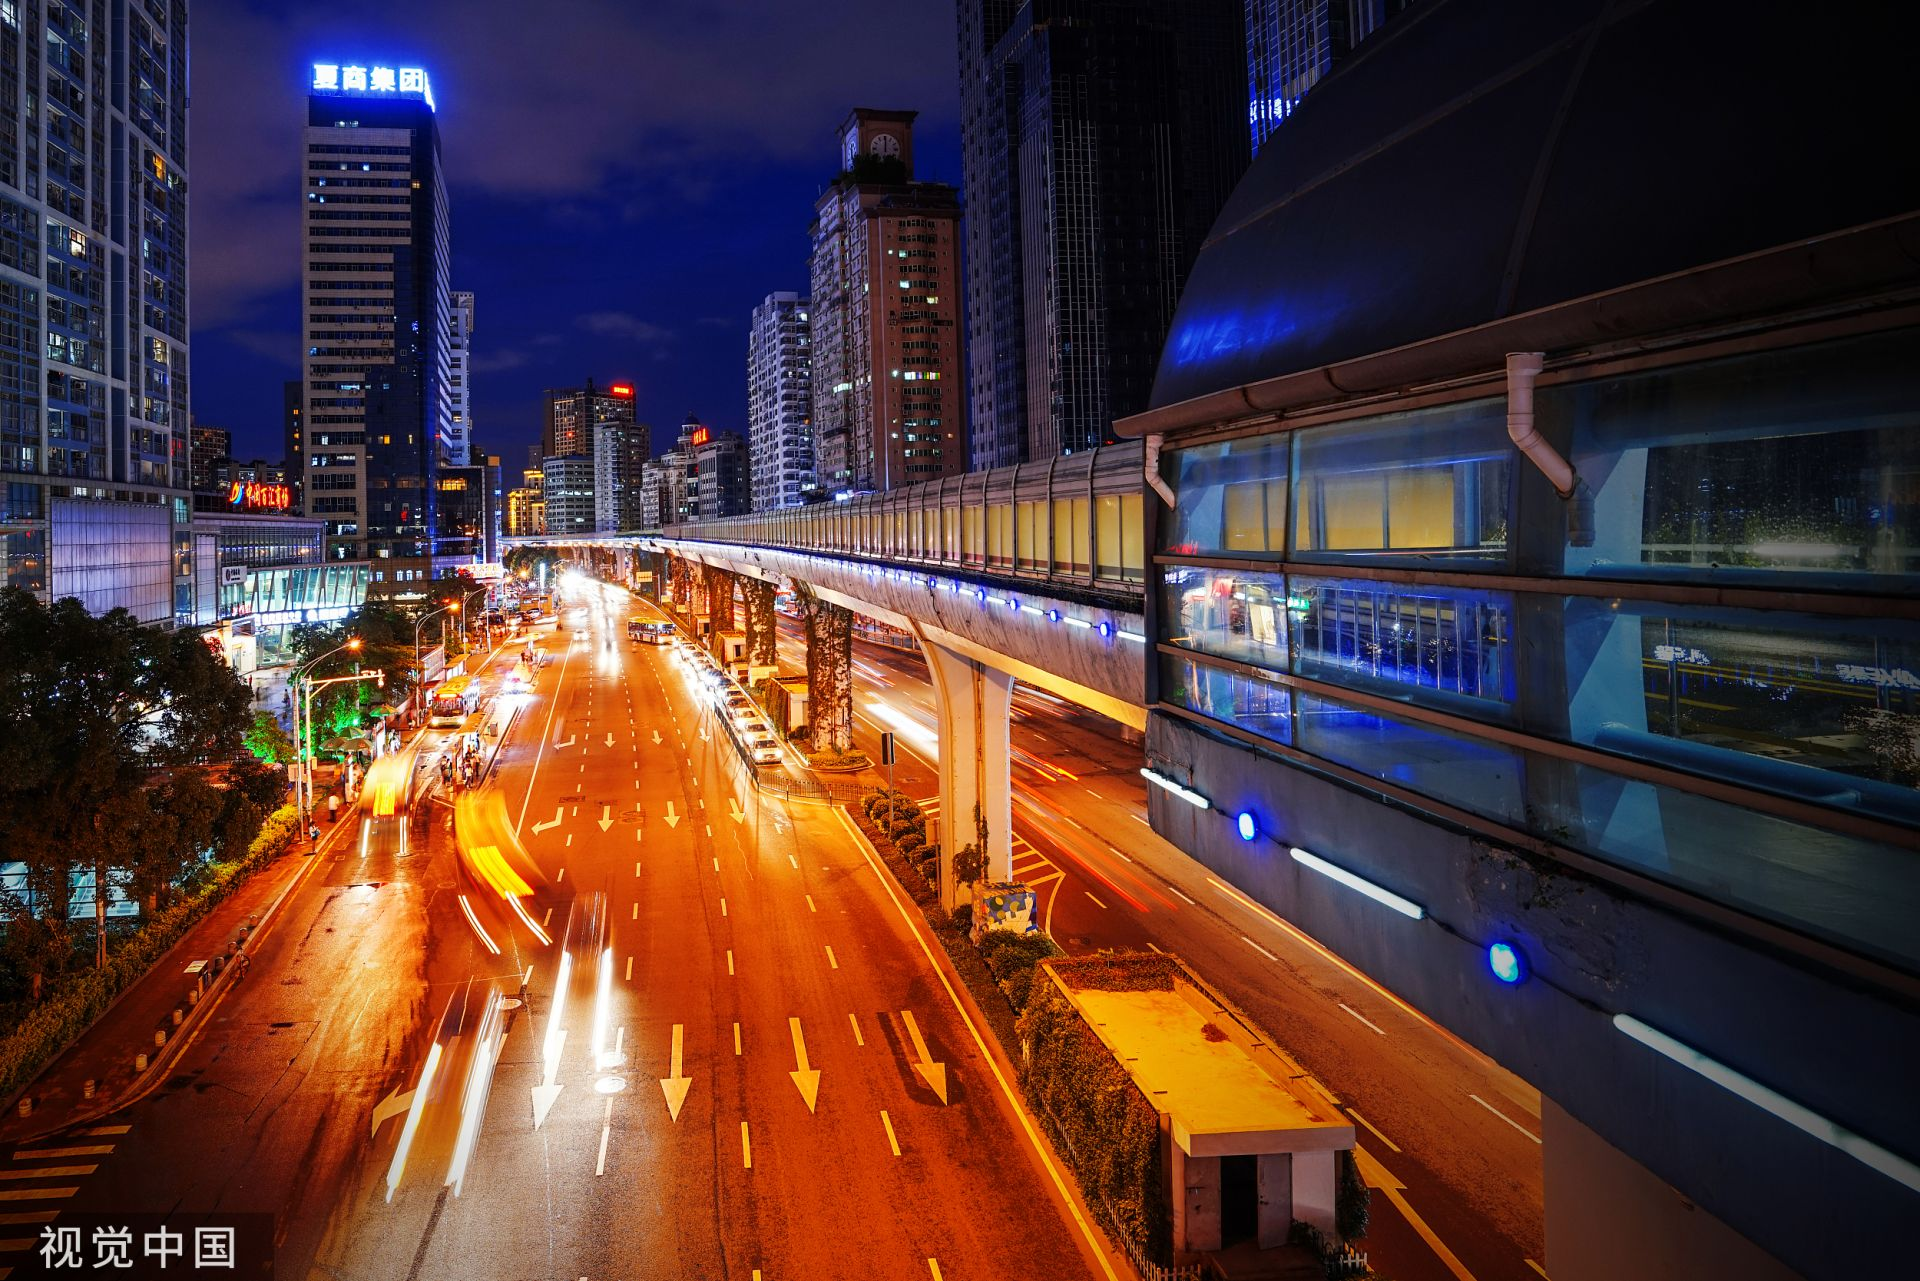 厦门火车站的(快速公交)BRT站,快速公交道穿城而过(视觉中国)